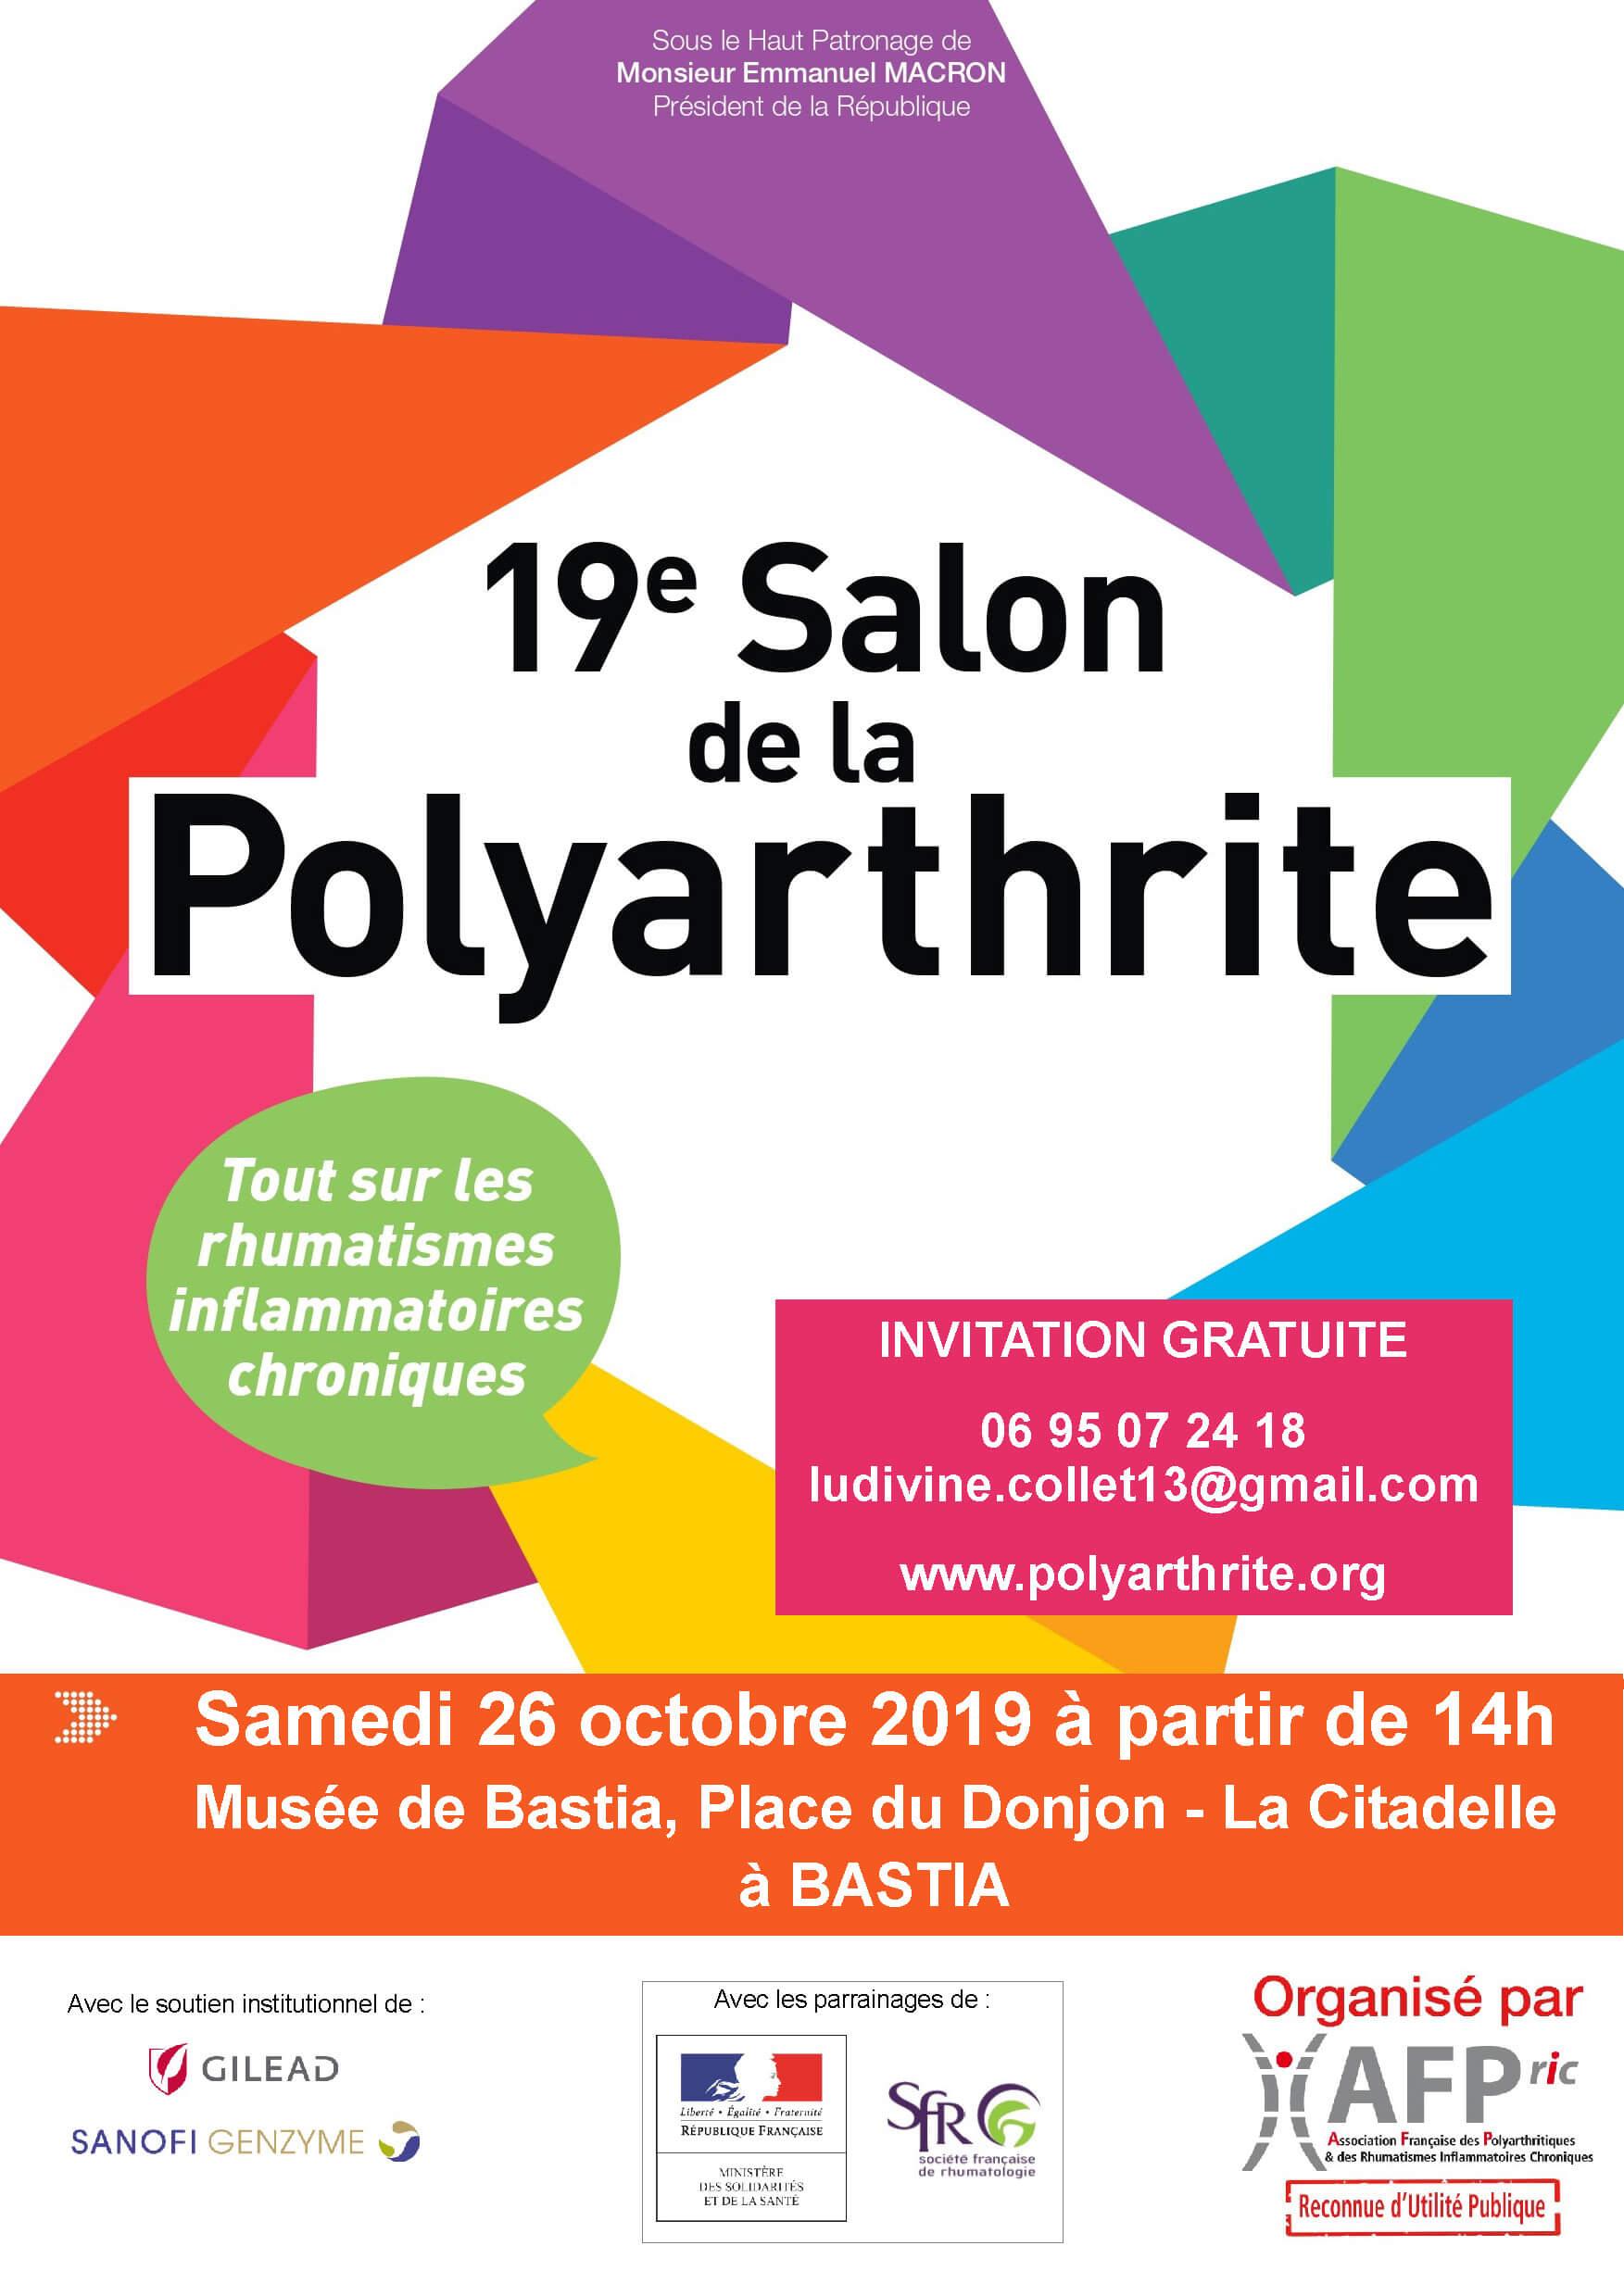 Polyarthrite rhumatoïde et les maladies articulaires : informez-vous au 19e salon de Bastia